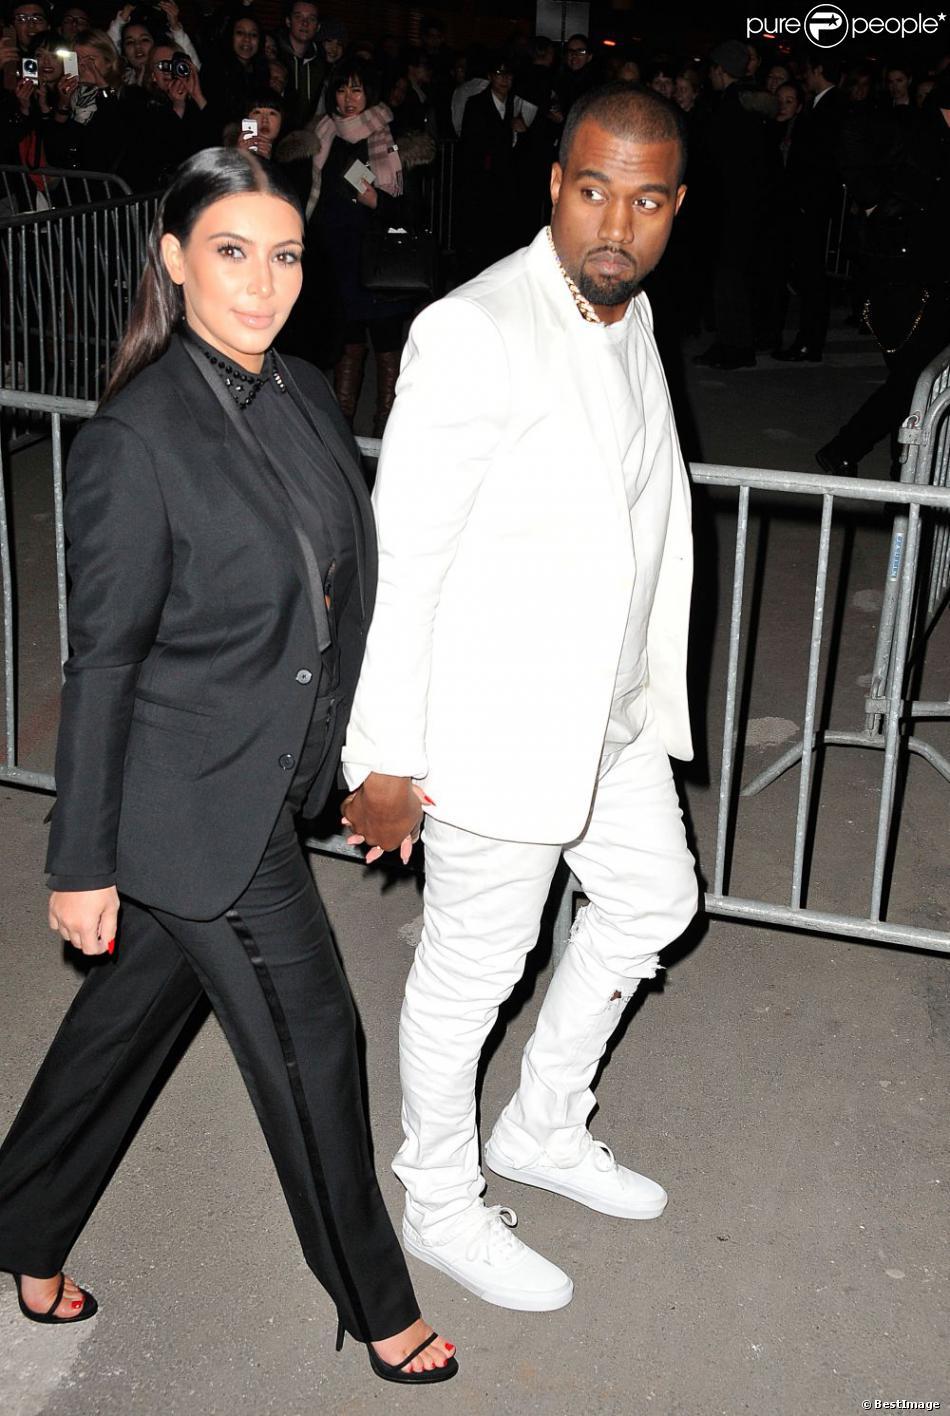 Kim Kardashian et Kanye West arrivent à la Halle Freyssinet pour assister au défilé Givenchy prêt-à-porter automne-hiver 2013-2014. Paris, le 3 mars 2013.